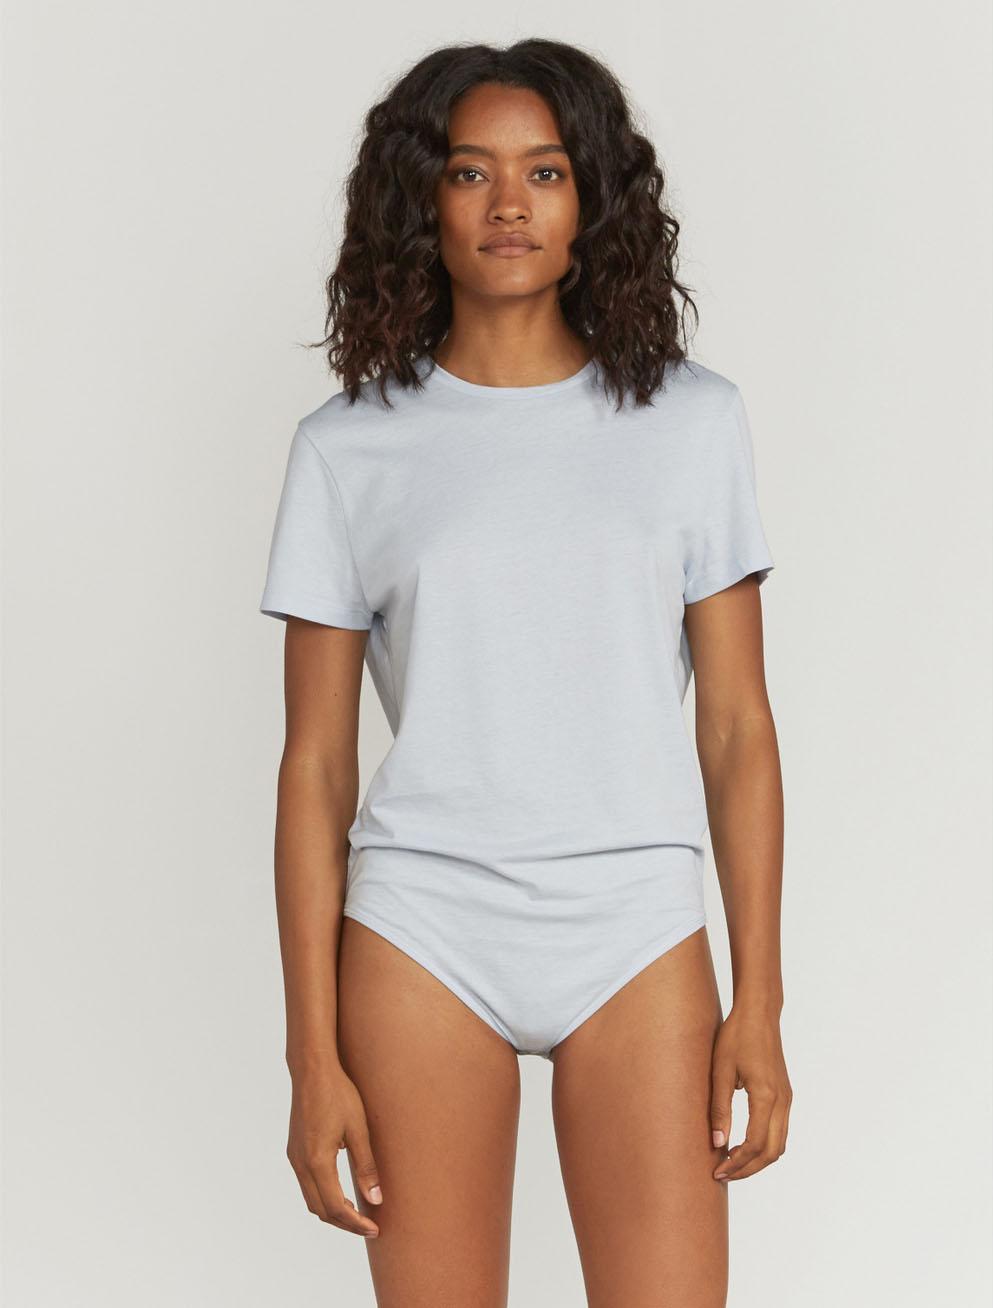 boyfit bodysuit